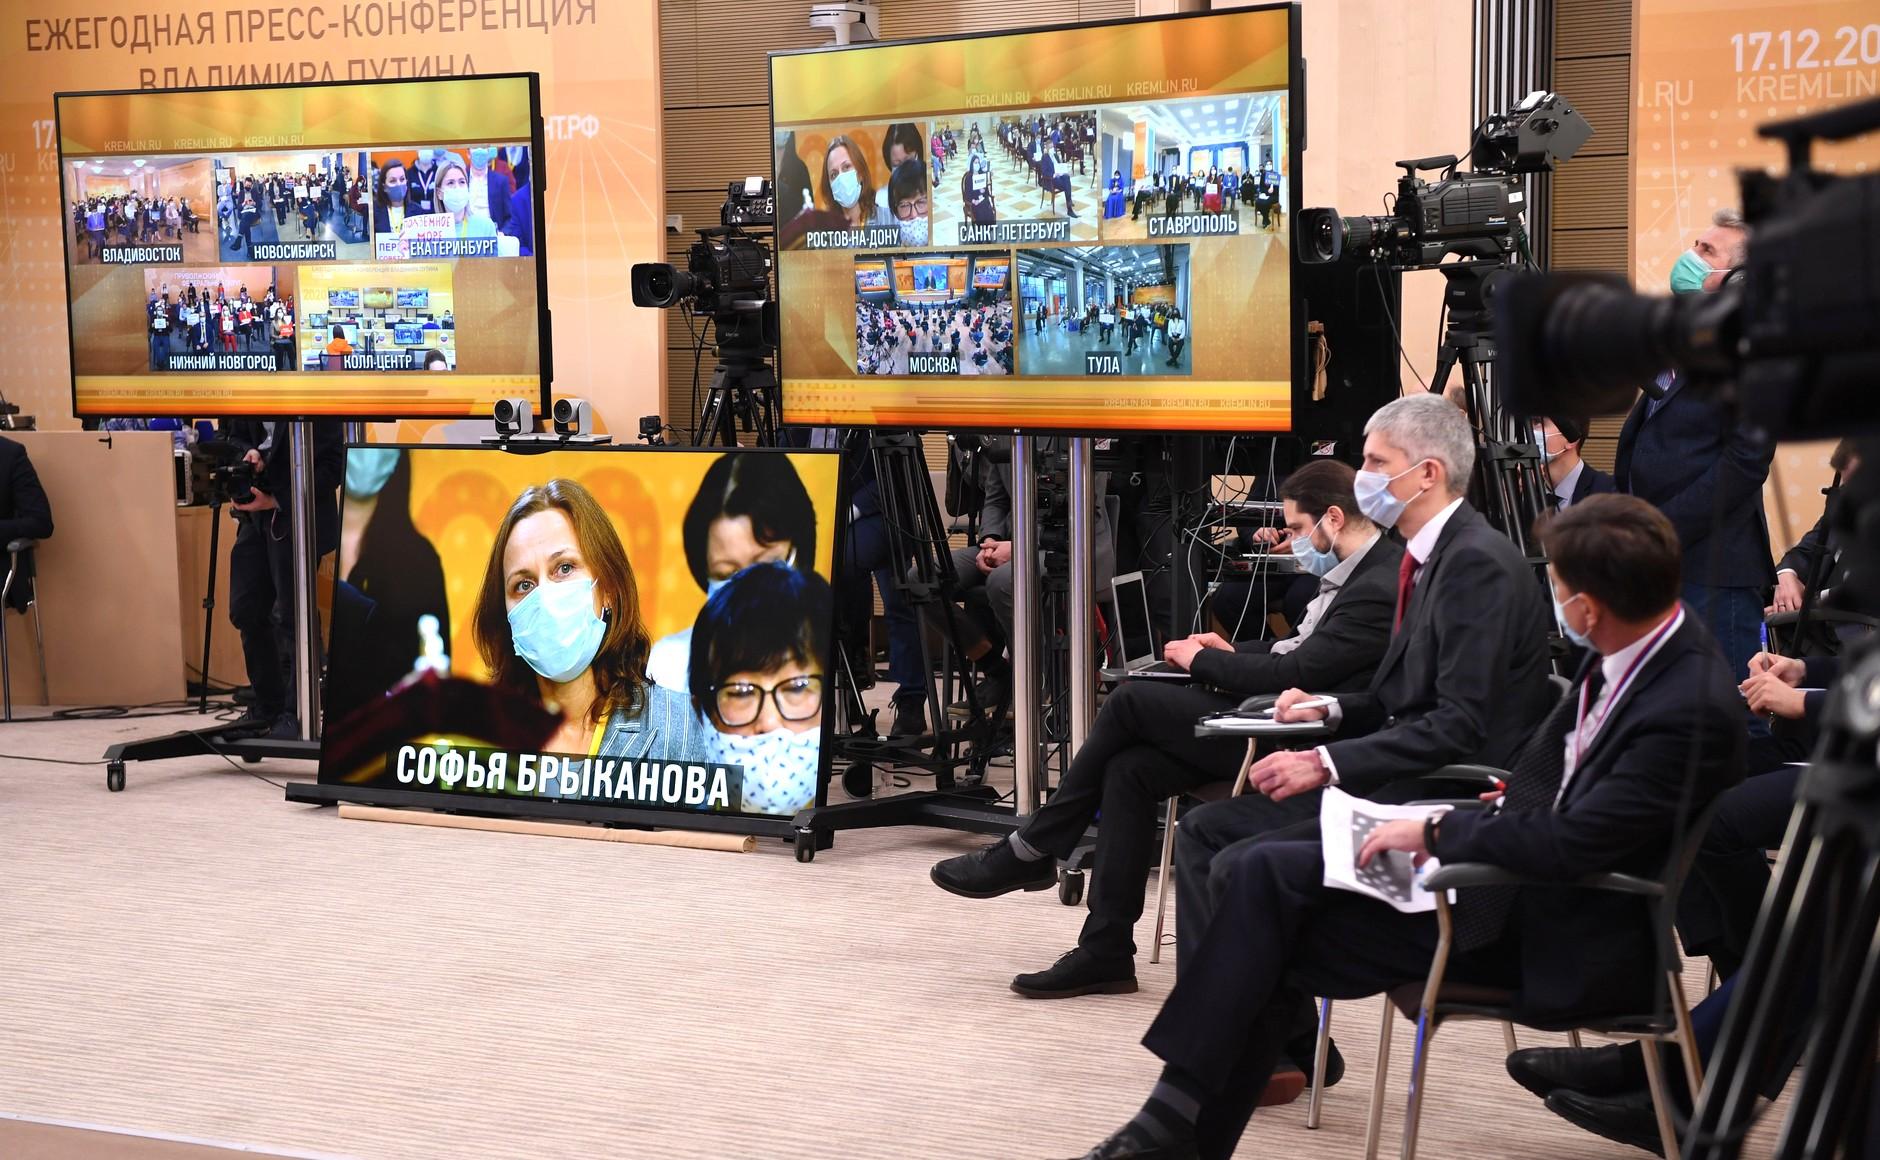 RUSSIE 17.12.2020.CONFERENCE 44 XX 66 Avant le début de la conférence de presse annuelle de Vladimir Poutine.